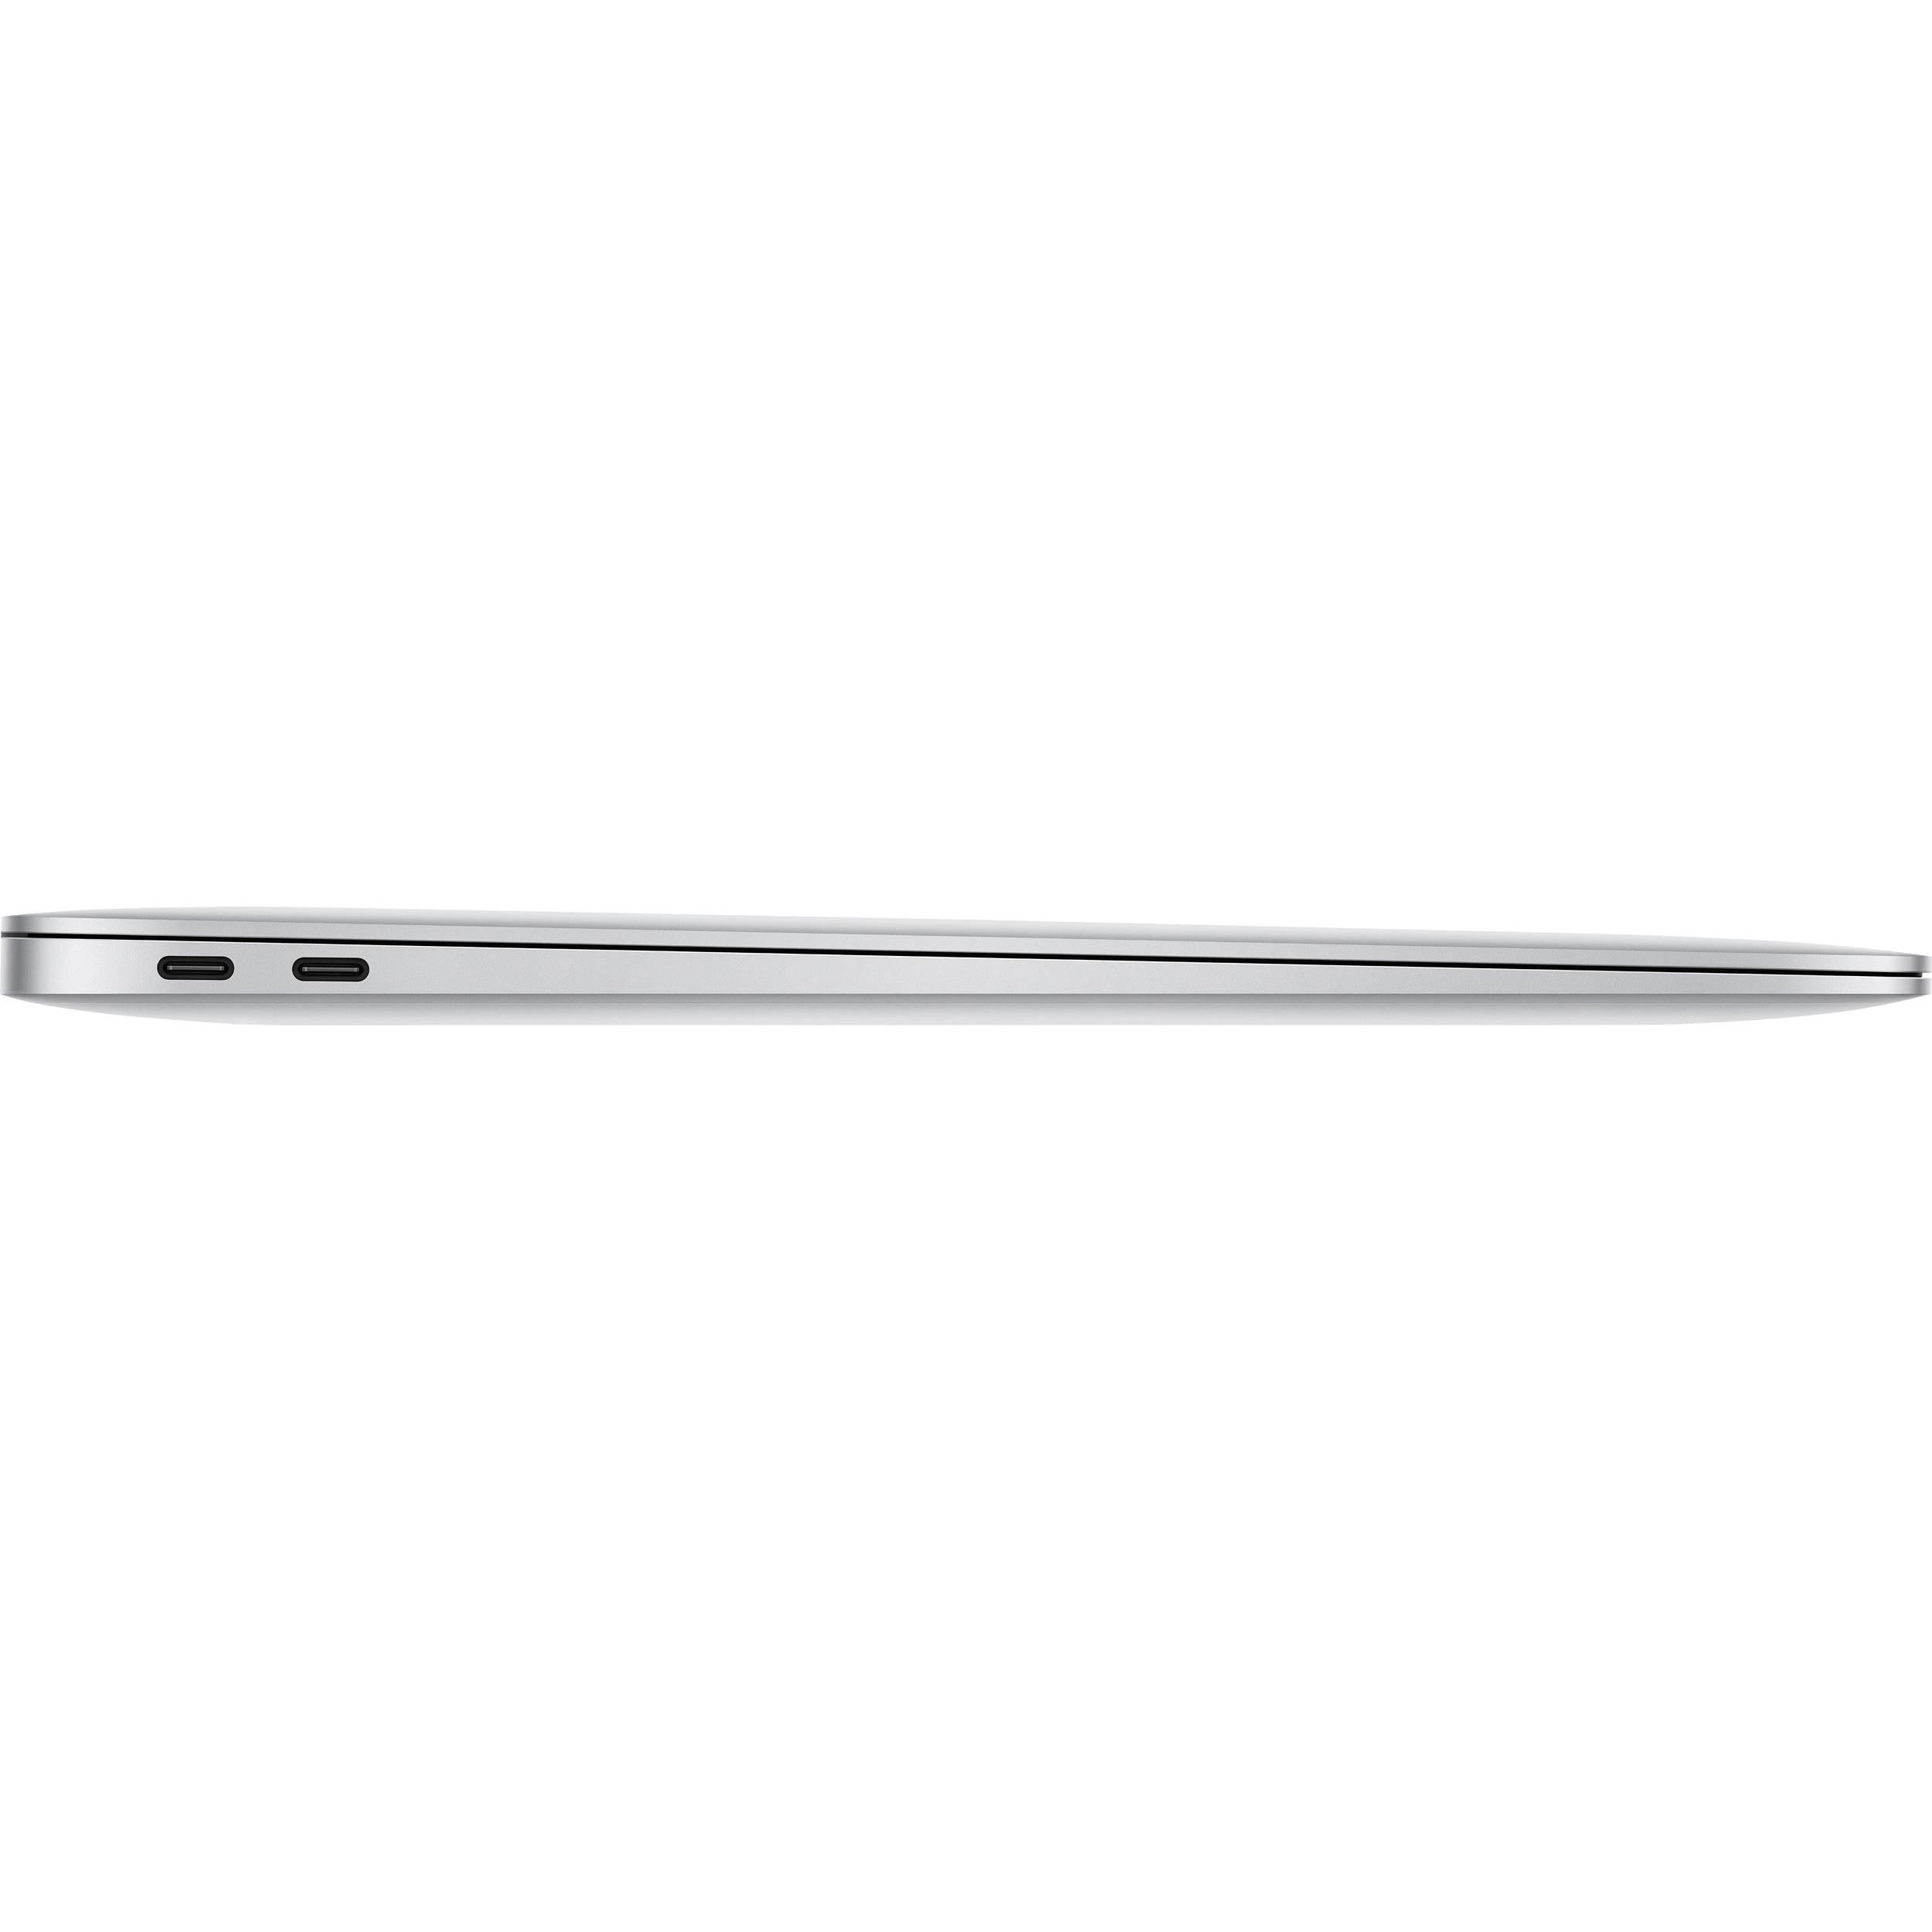 Apple MacBook Air (Late 2018) MREA2LL/A Intel Core i5-8210Y (1.60-3.60GHz), 8GB DDR3, 128GB SSD, Int...